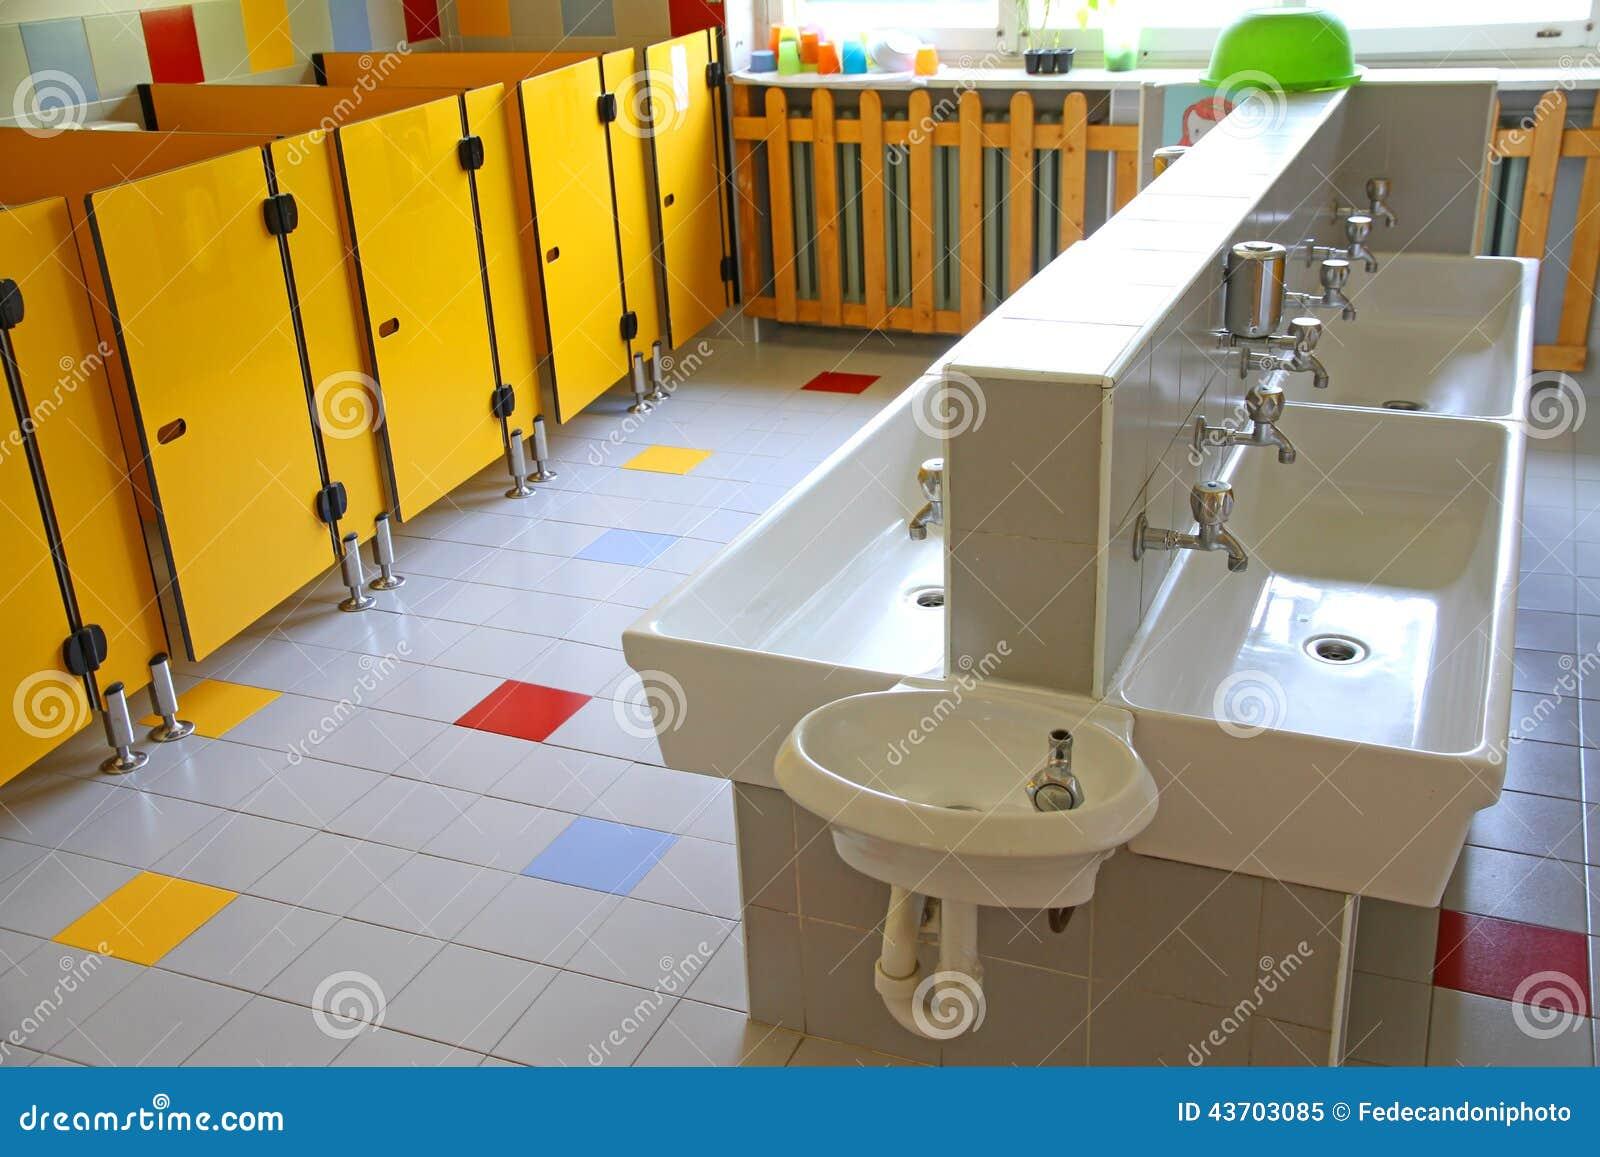 Små badrum och låga vaskar i en skola för unga barn arkivfoto ...